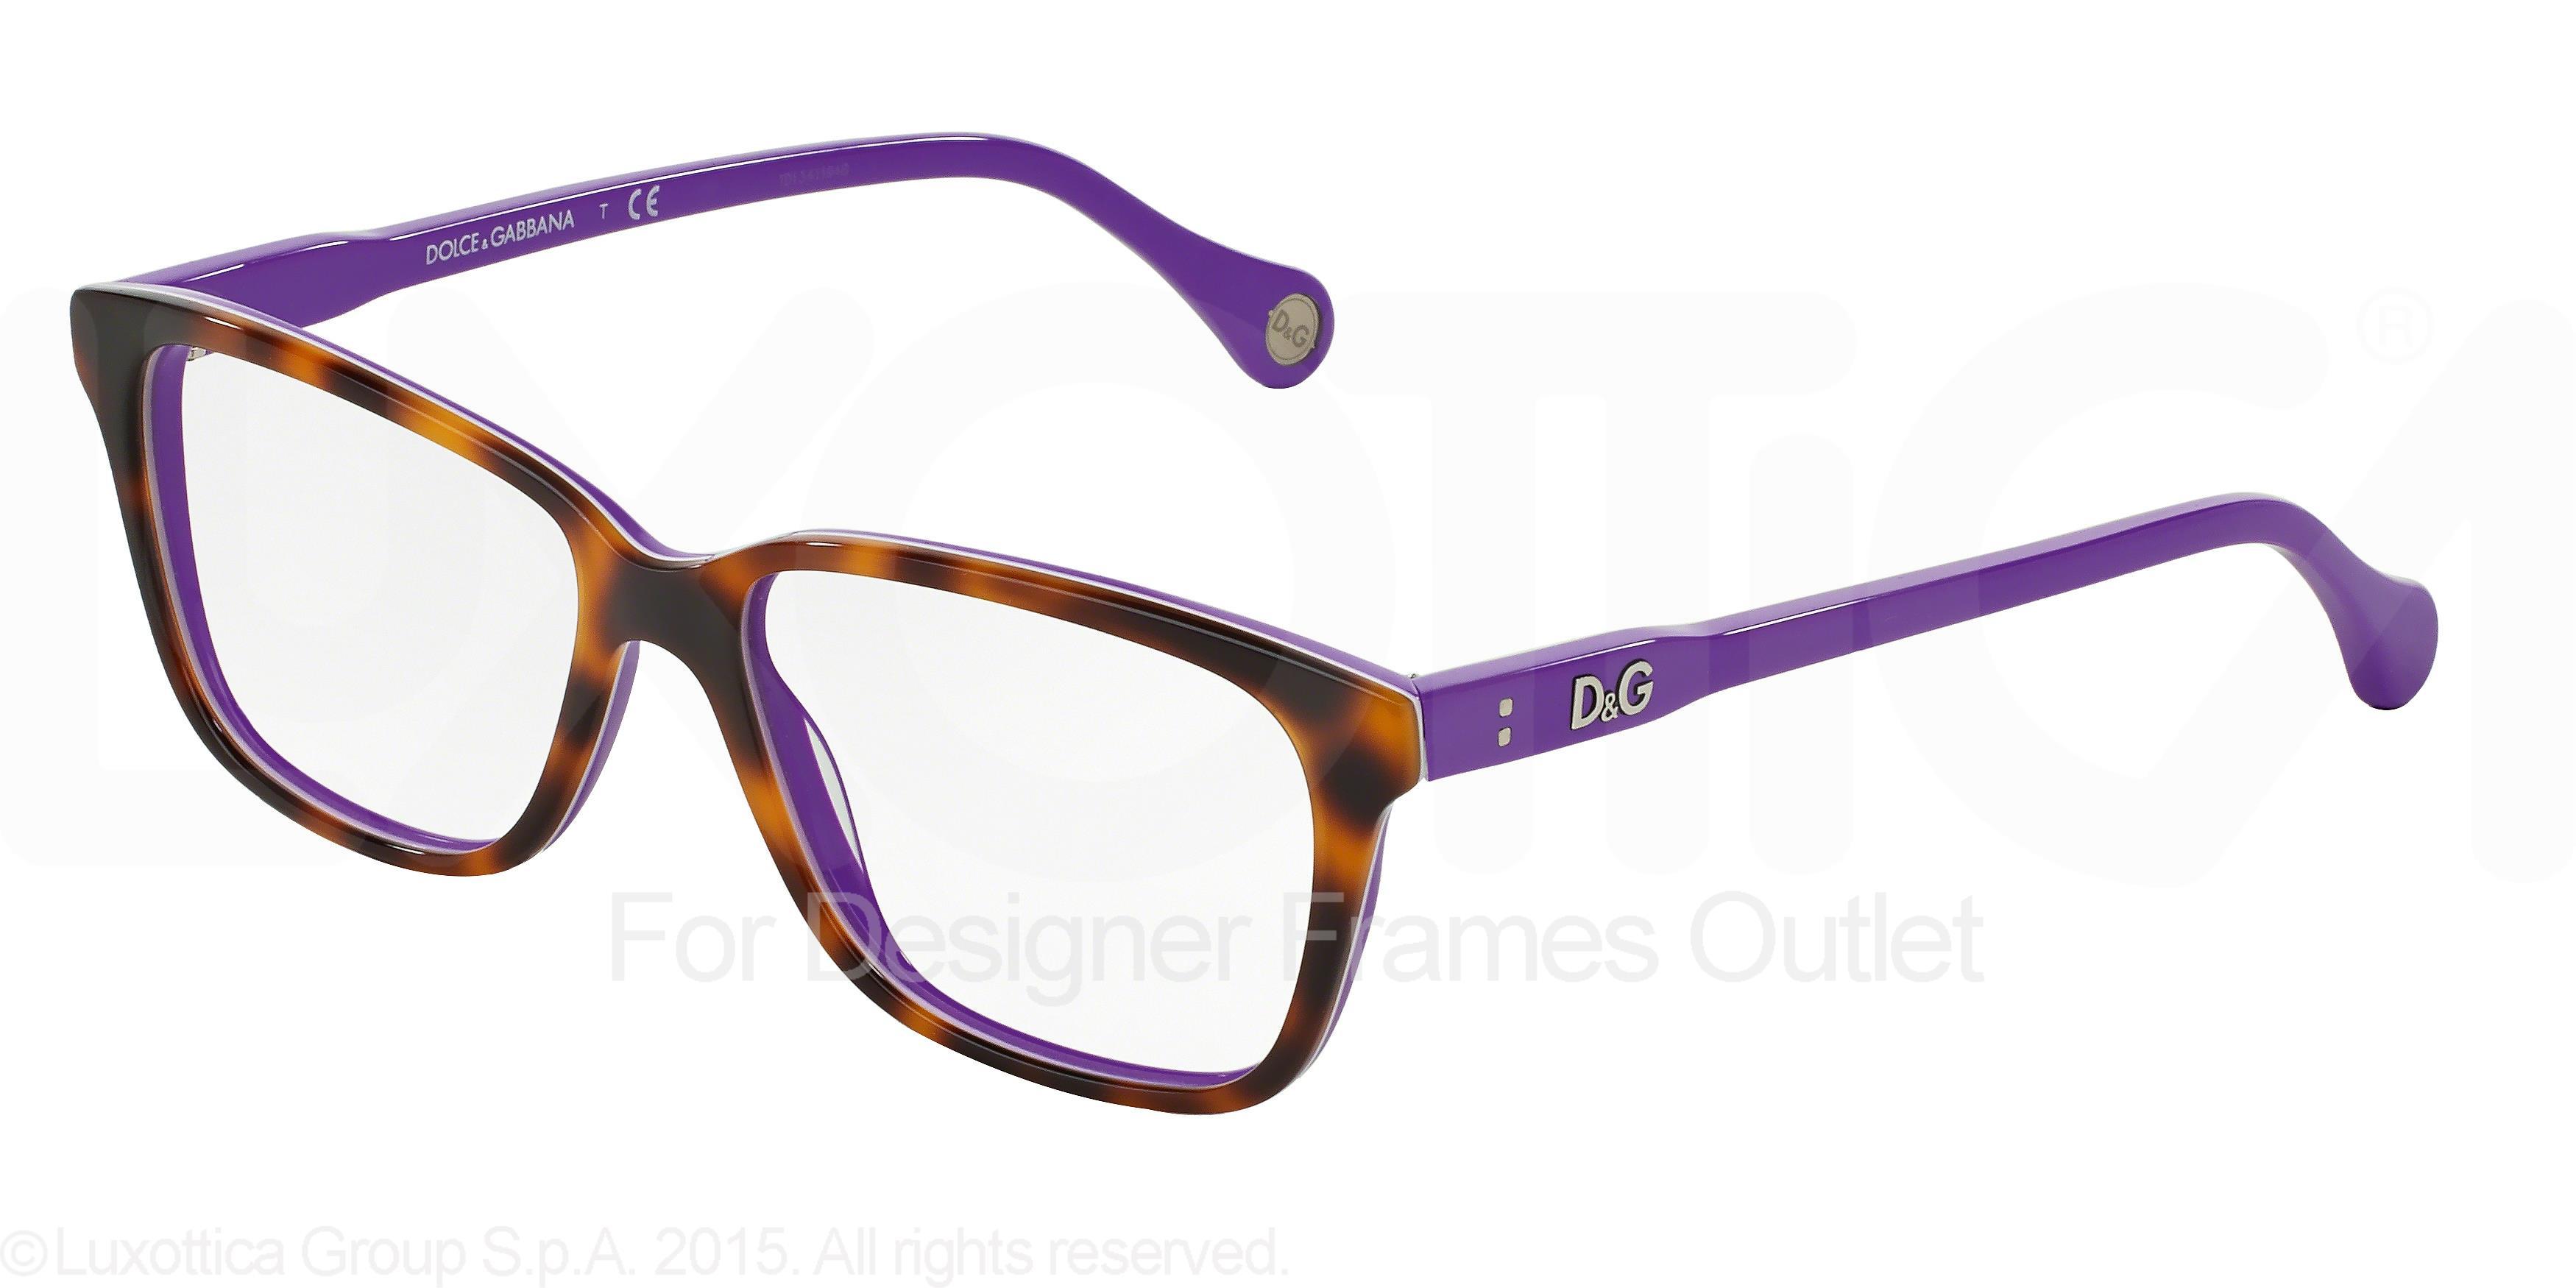 Designer Frames Outlet. D&G DD1238